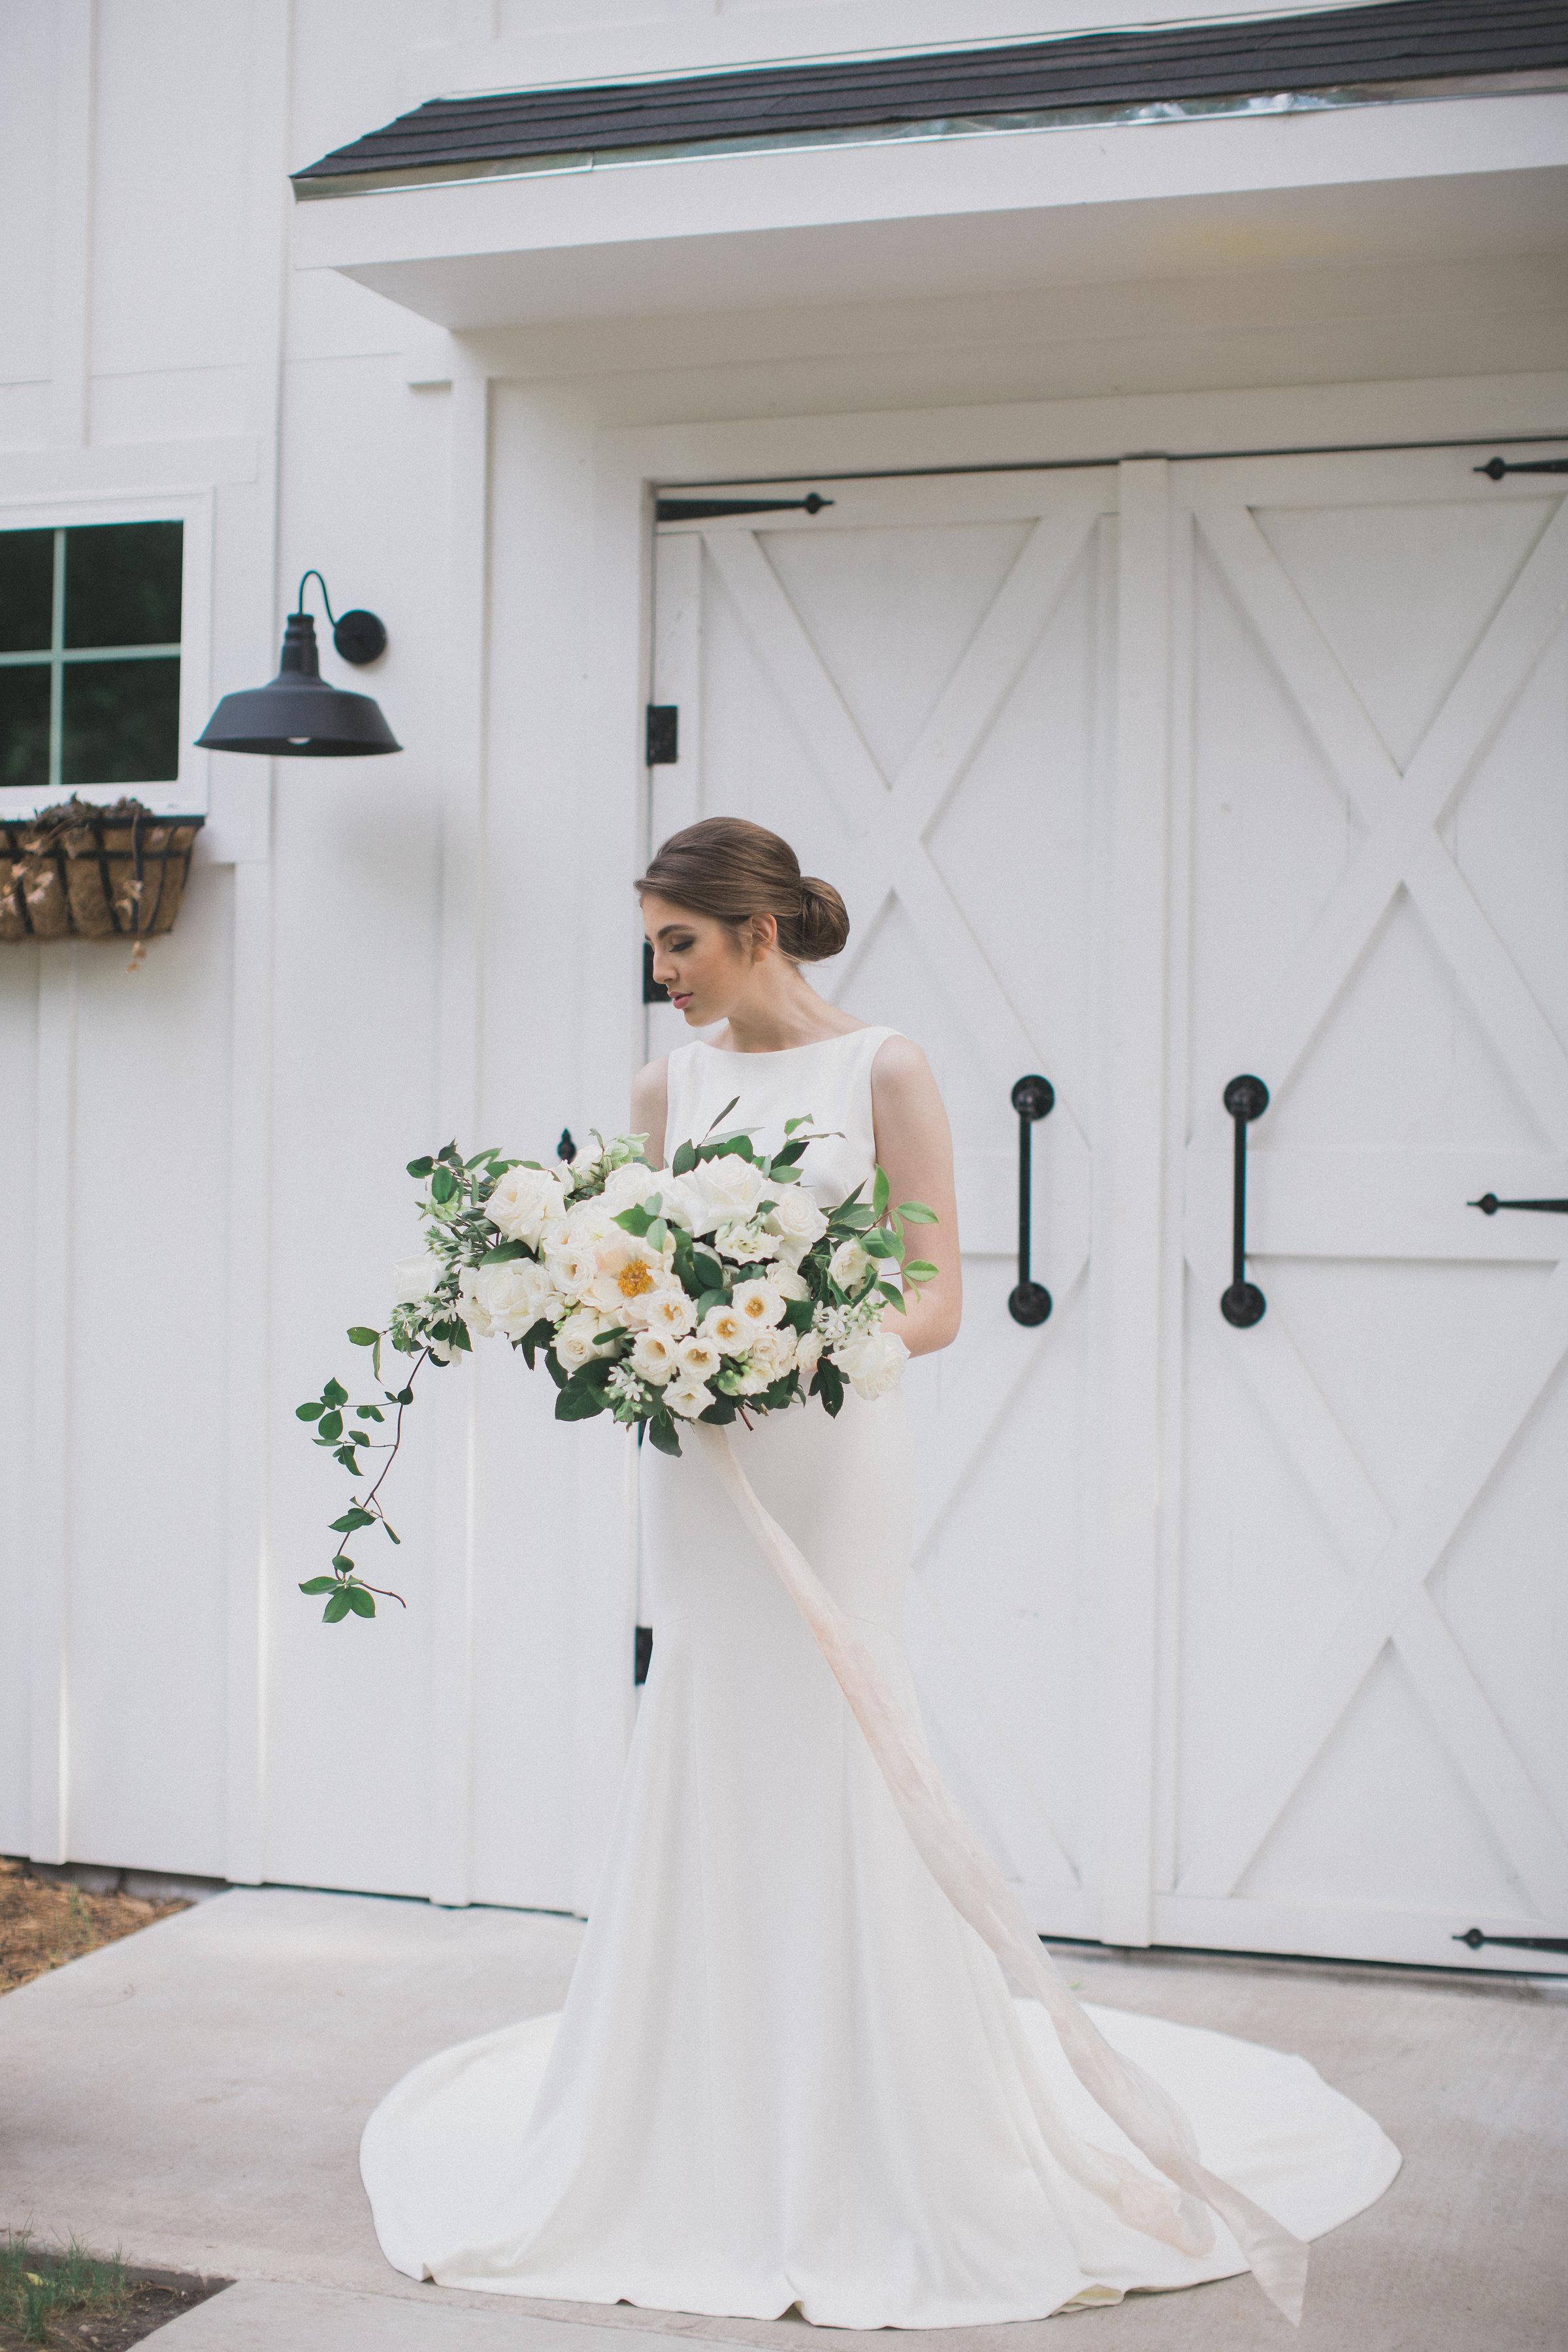 Texas Summer Wedding | Southern Summer White Barn Wedding in Dallas, TX